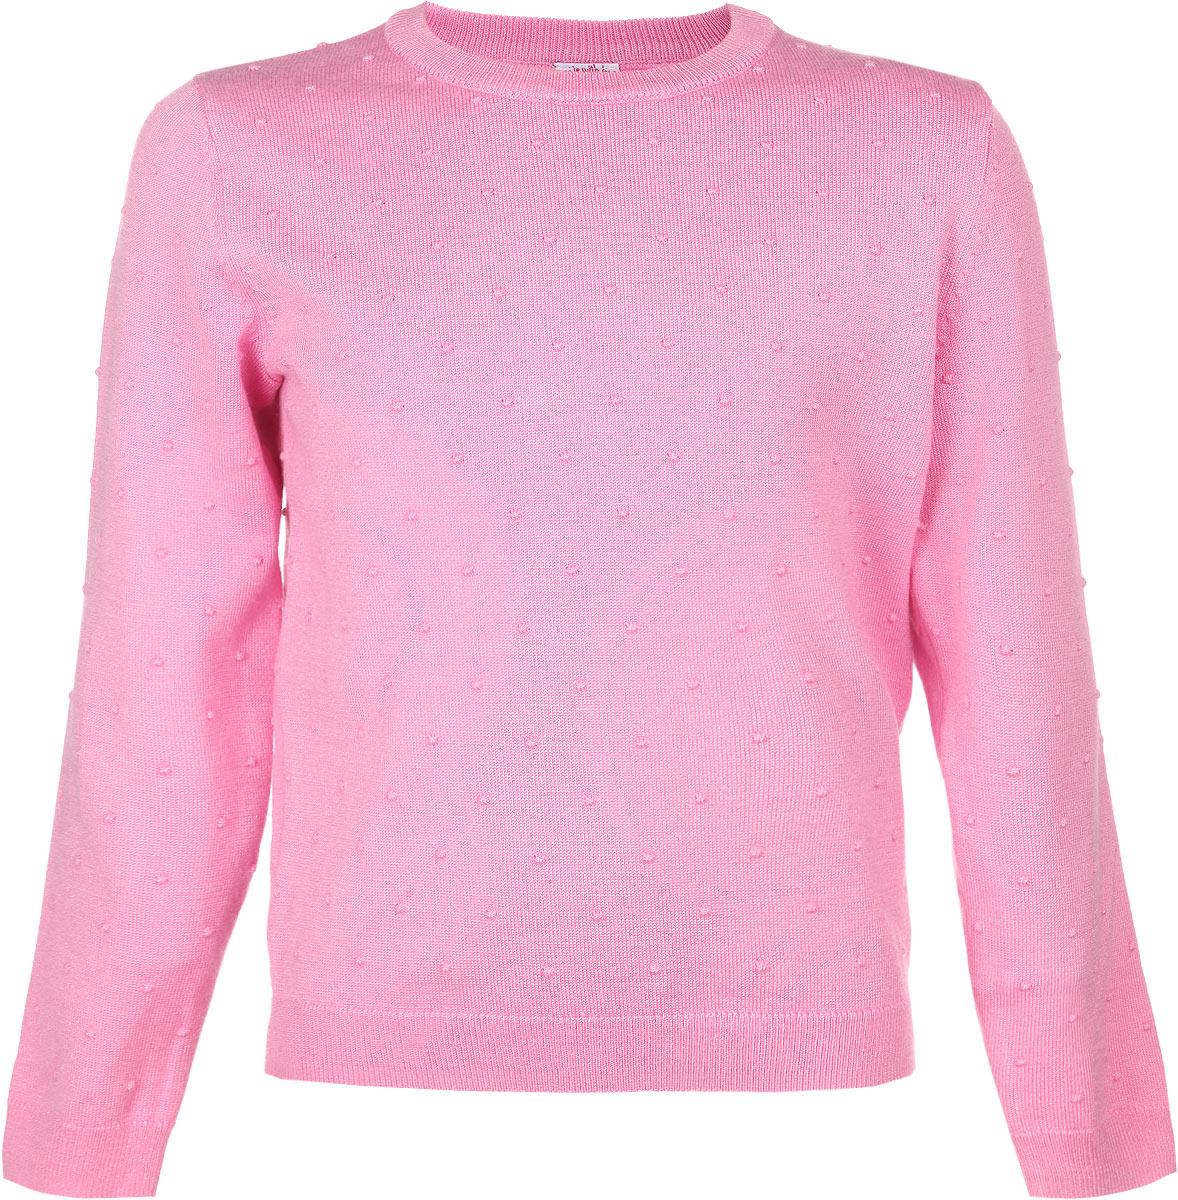 Джемпер для девочки Sela, цвет: светло-розовый. JR-514/144-6131. Размер 104, 4 годаJR-514/144-6131Джемпер для девочки Sela идеально подойдет вашей маленькой моднице. Изготовленный из вискозы с добавлением нейлона, он необычайно мягкий и приятный на ощупь, не сковывает движения, обеспечивая наибольший комфорт. Модель с длинными рукавами и круглым вырезом горловины оформлена рельефным узором. Вырез горловины, низ джемпера и рукава дополнены трикотажной эластичной резинкой. Современный дизайн и расцветка делают этот джемпер модным и стильным предметом детского гардероба. В нем ваша дочурка будет чувствовать себя уютно, комфортно и всегда будет в центре внимания!